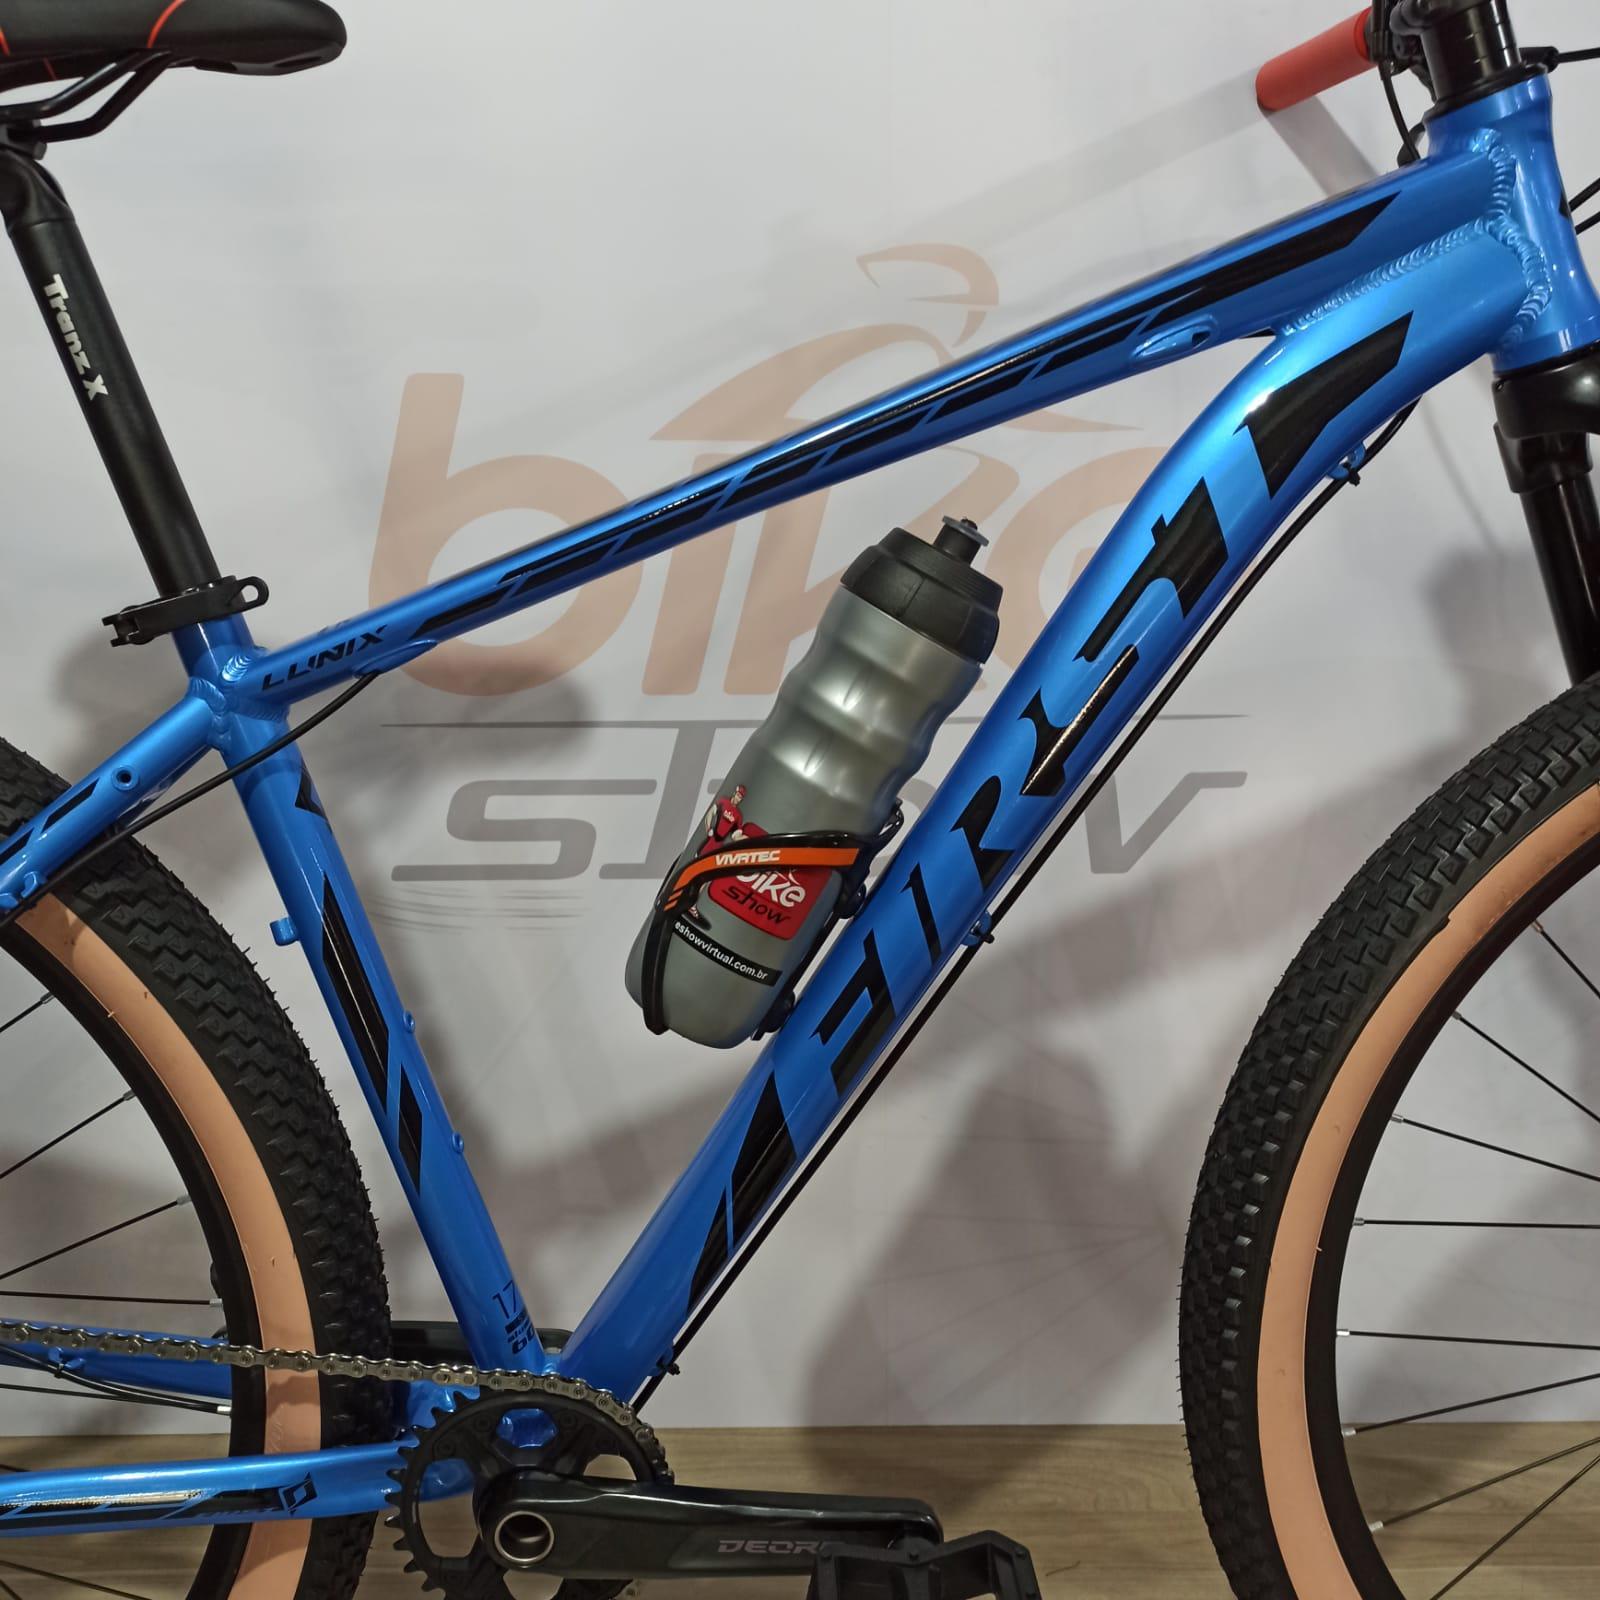 Bicicleta FIRST Lunix aro 29 - 12v Shimano Deore - K7 Shimano 10/51 dentes - Suspensão GTA a Ar Limited Edition